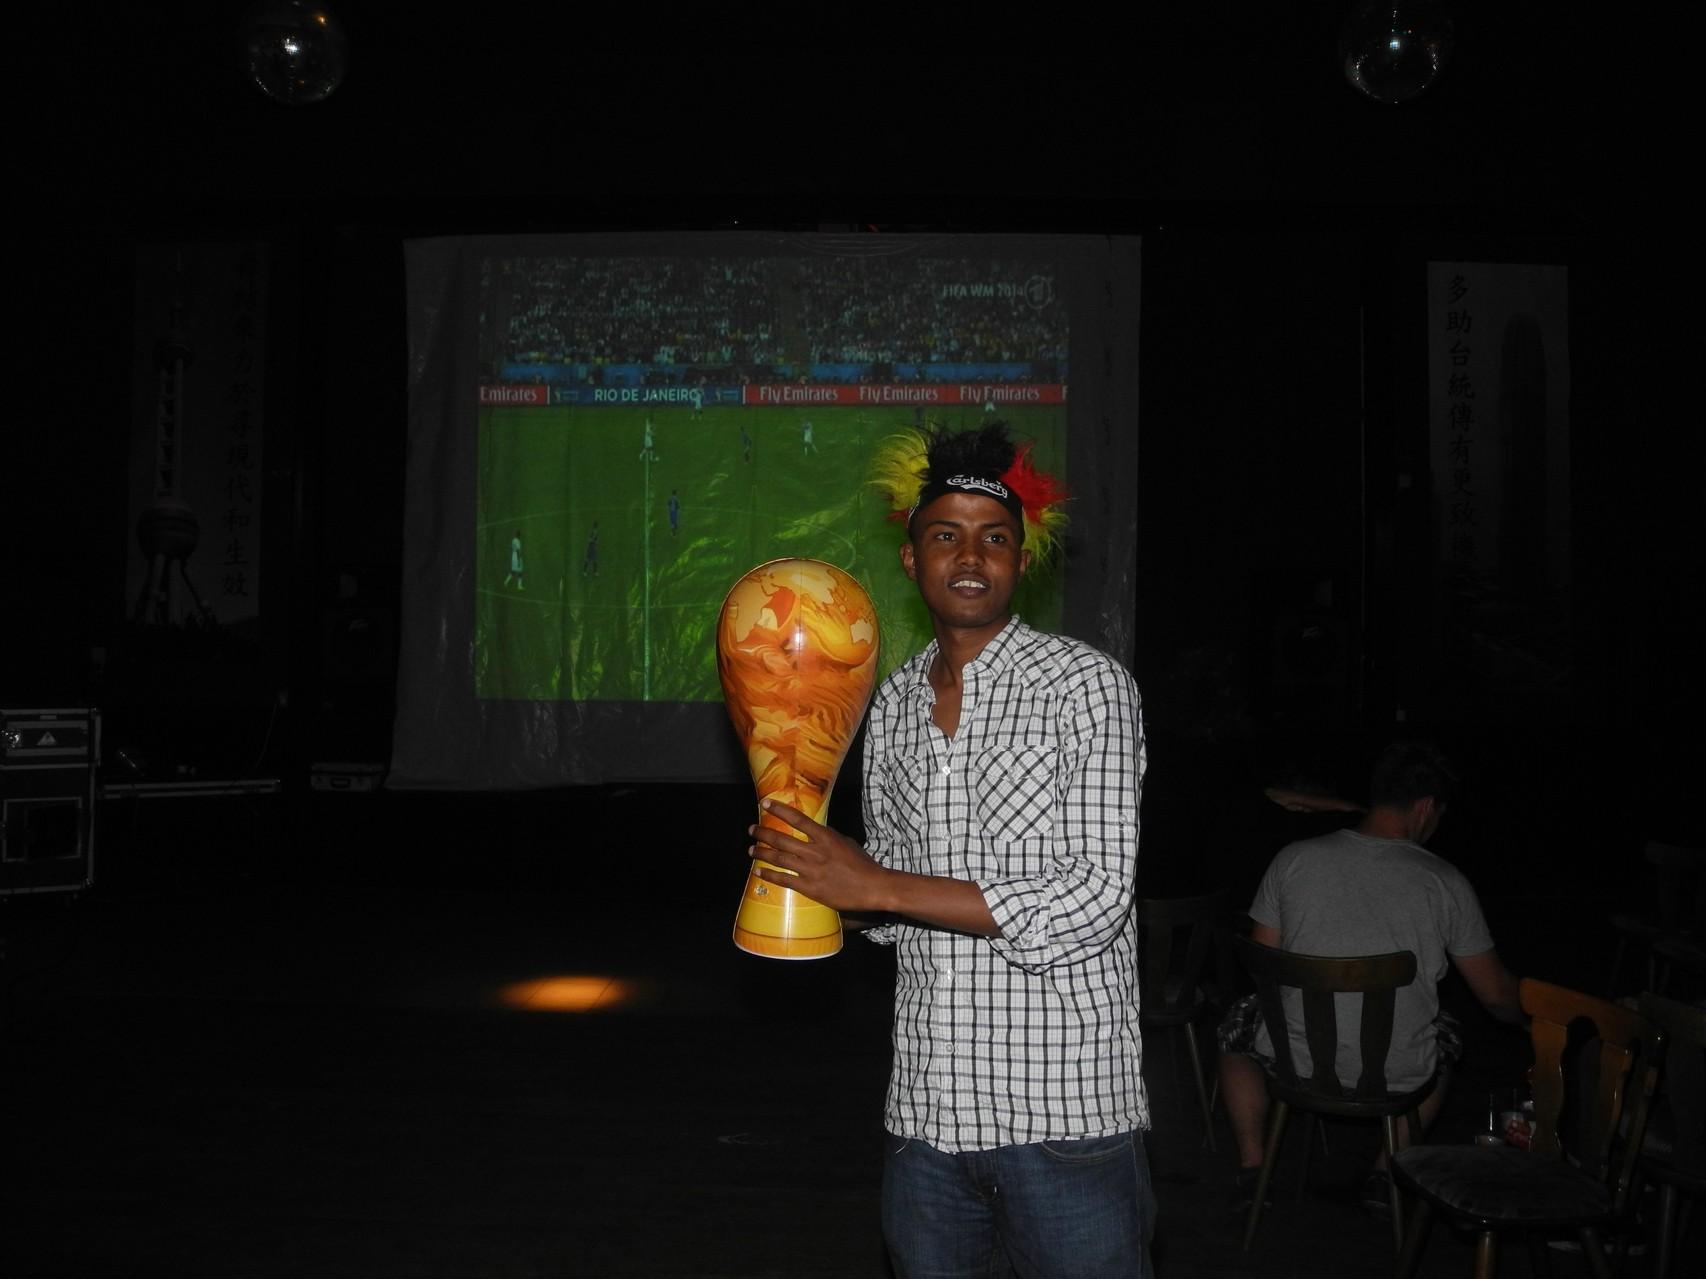 In der Festhalle am Bürgerpark wurde das WM-Finale gezeigt